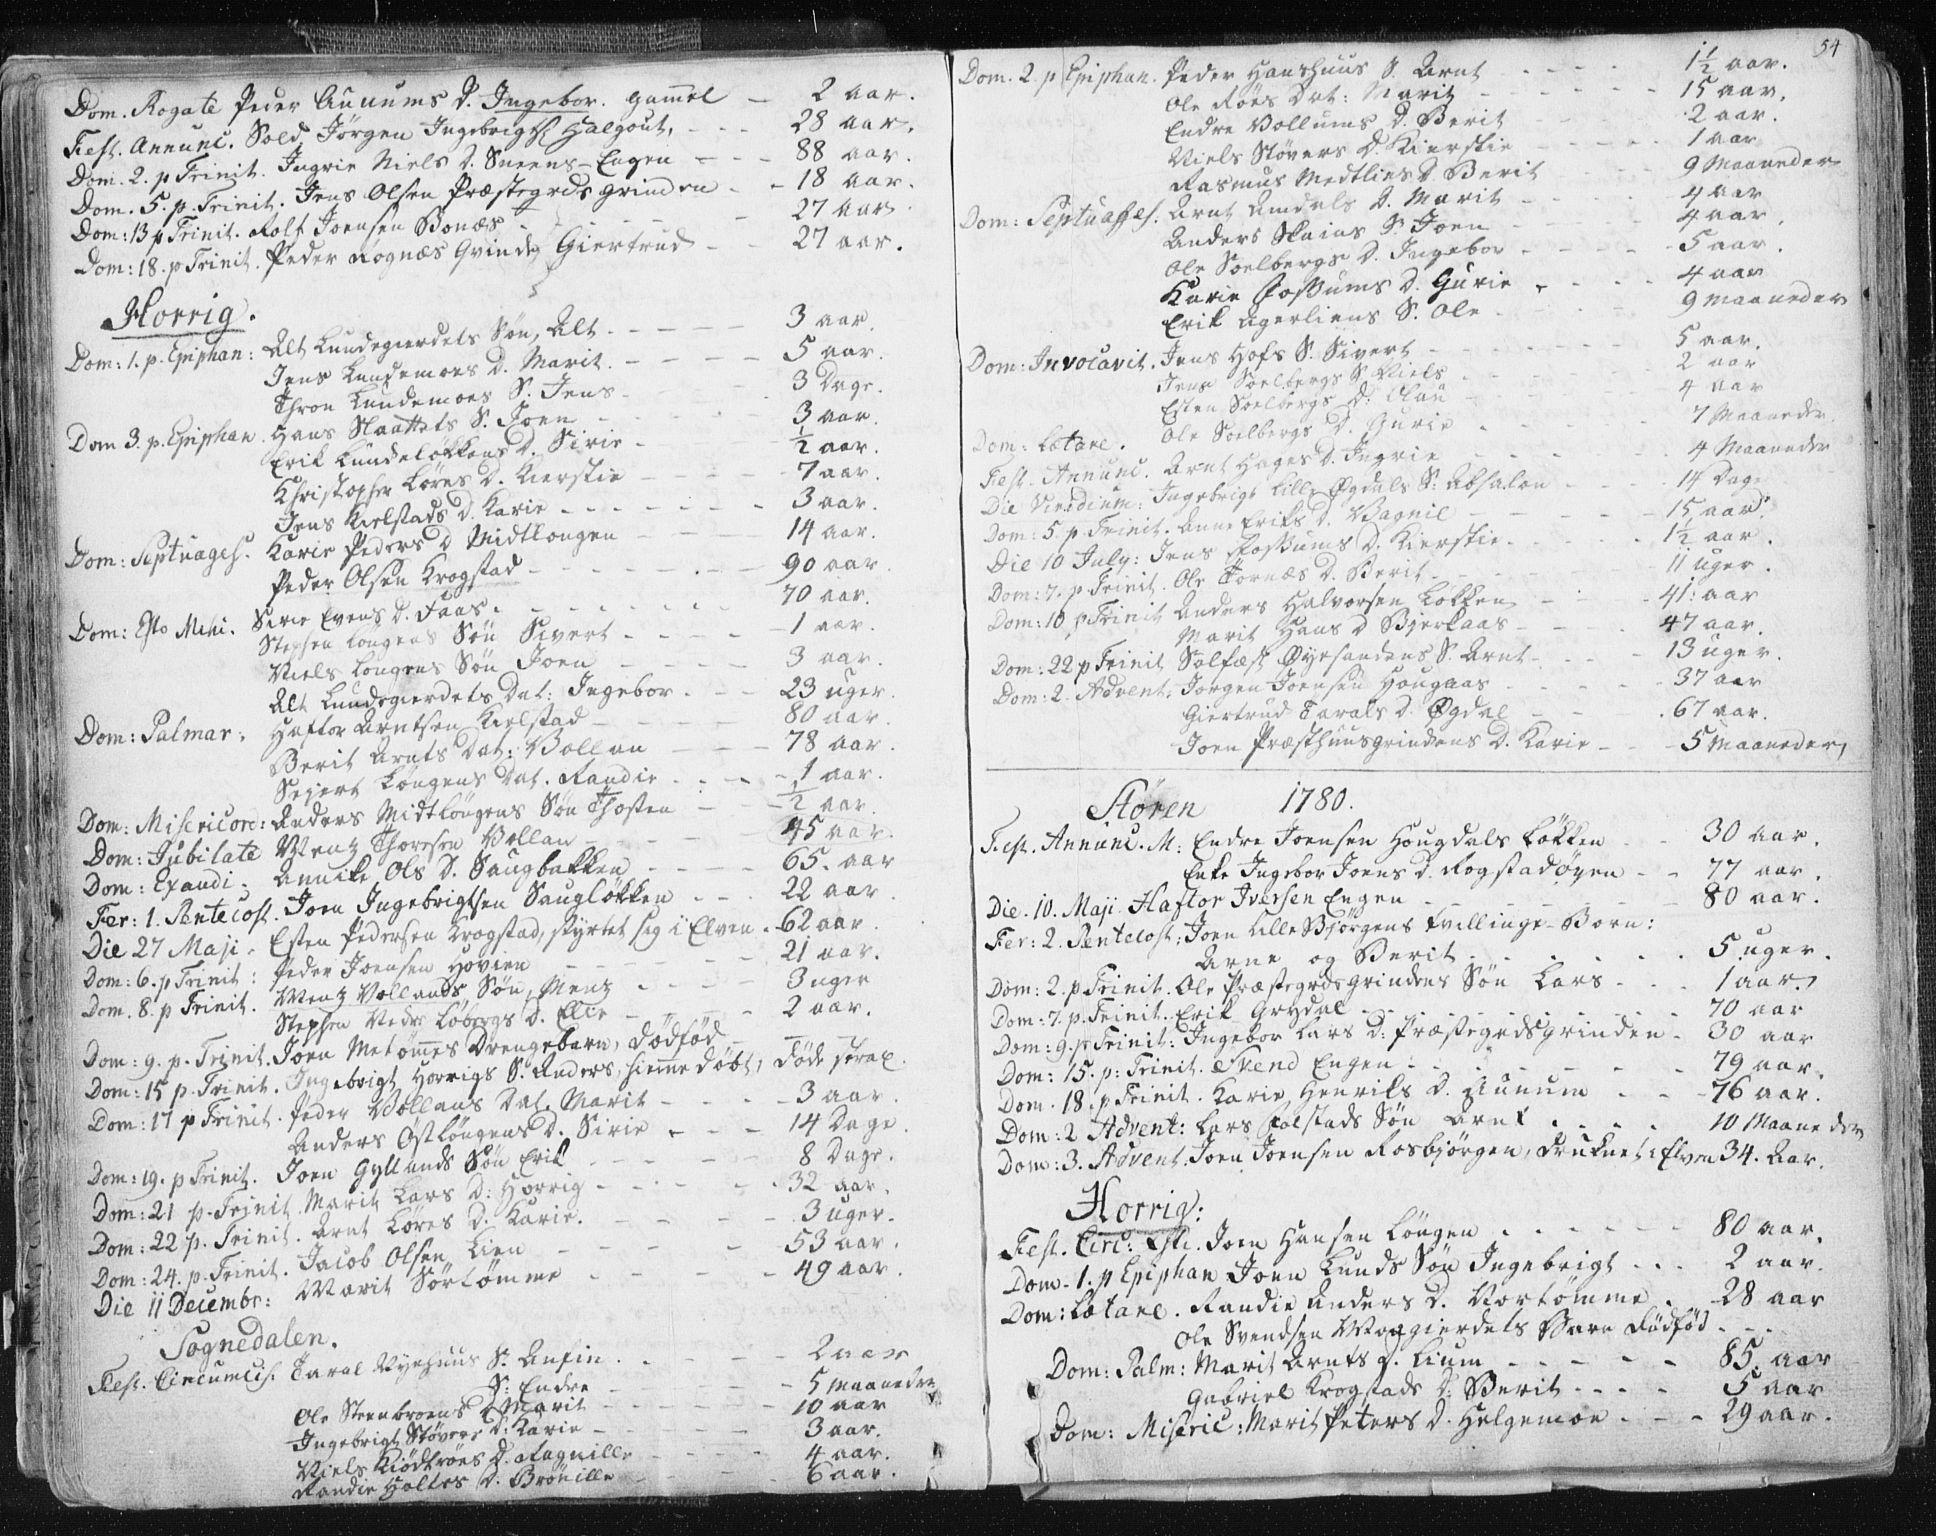 SAT, Ministerialprotokoller, klokkerbøker og fødselsregistre - Sør-Trøndelag, 687/L0991: Ministerialbok nr. 687A02, 1747-1790, s. 54